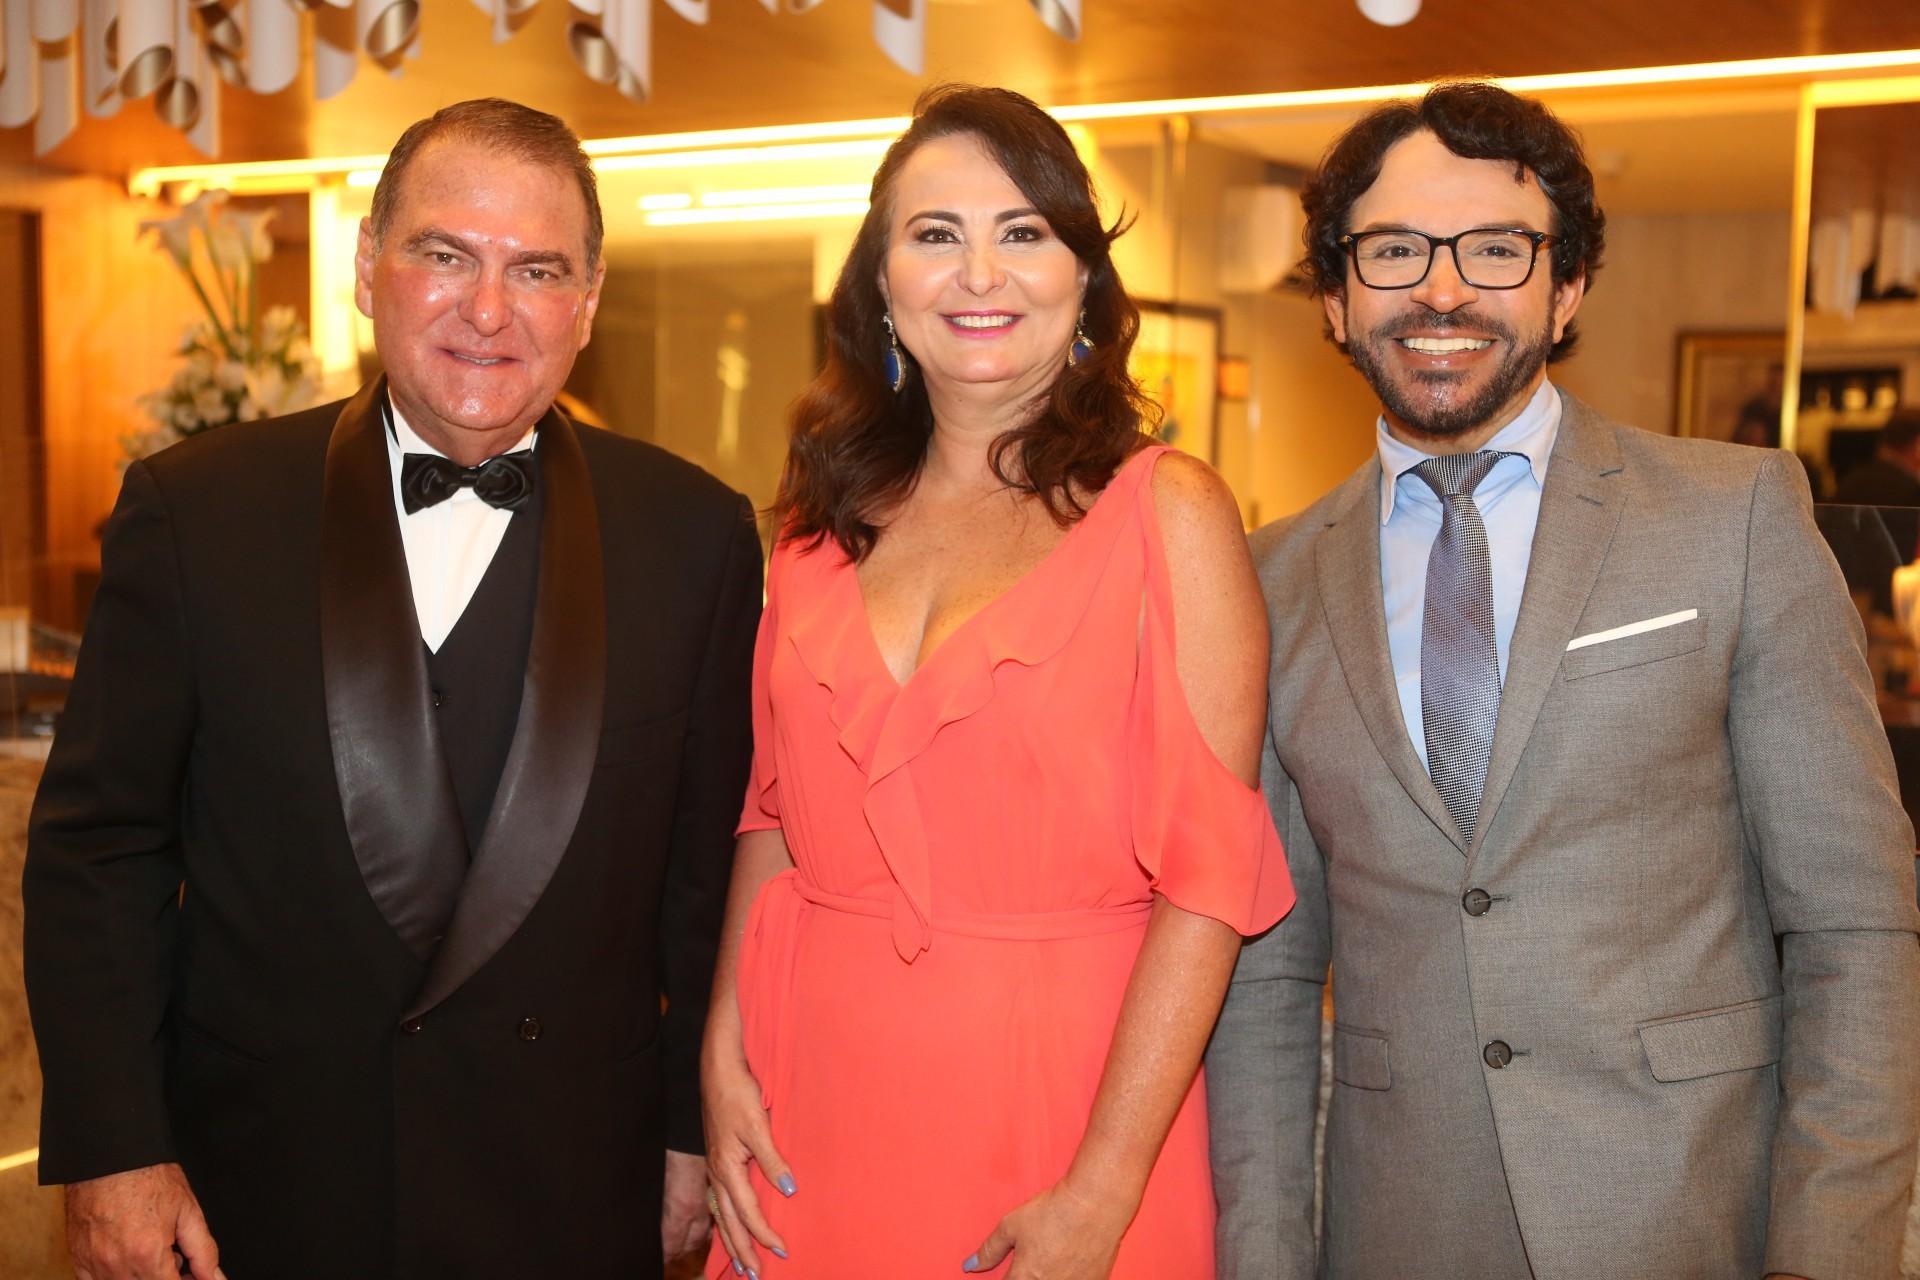 (Foto: JOÃO FILHO TAVARES)Jorio da Escossia, Fátima Santana e Diá Francisco